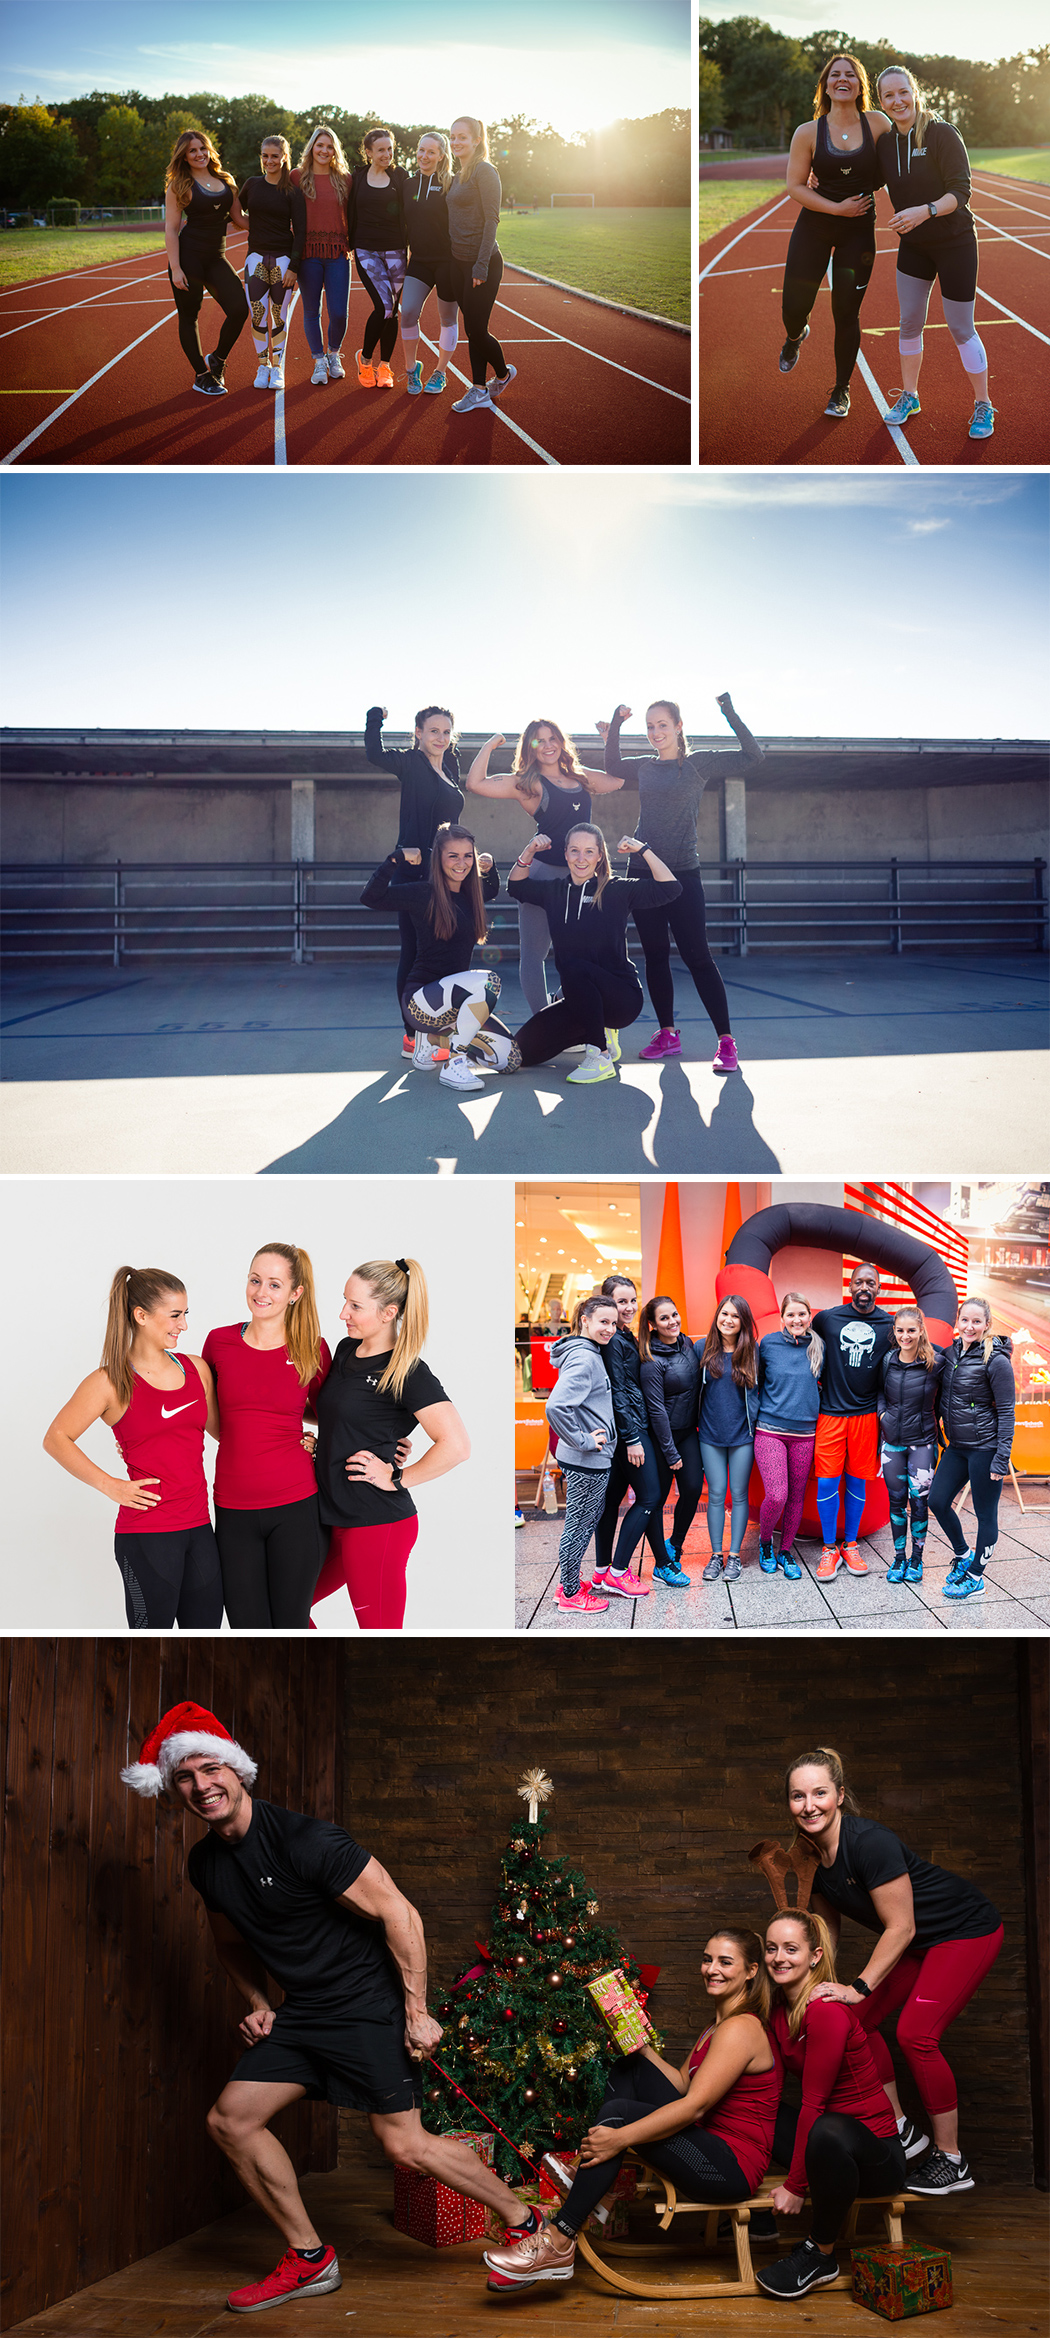 fitnessblog-fitnessblogger-fitness-blog-blogger-stuttgart-dreamteamfitness-unser-jahr-2016_12